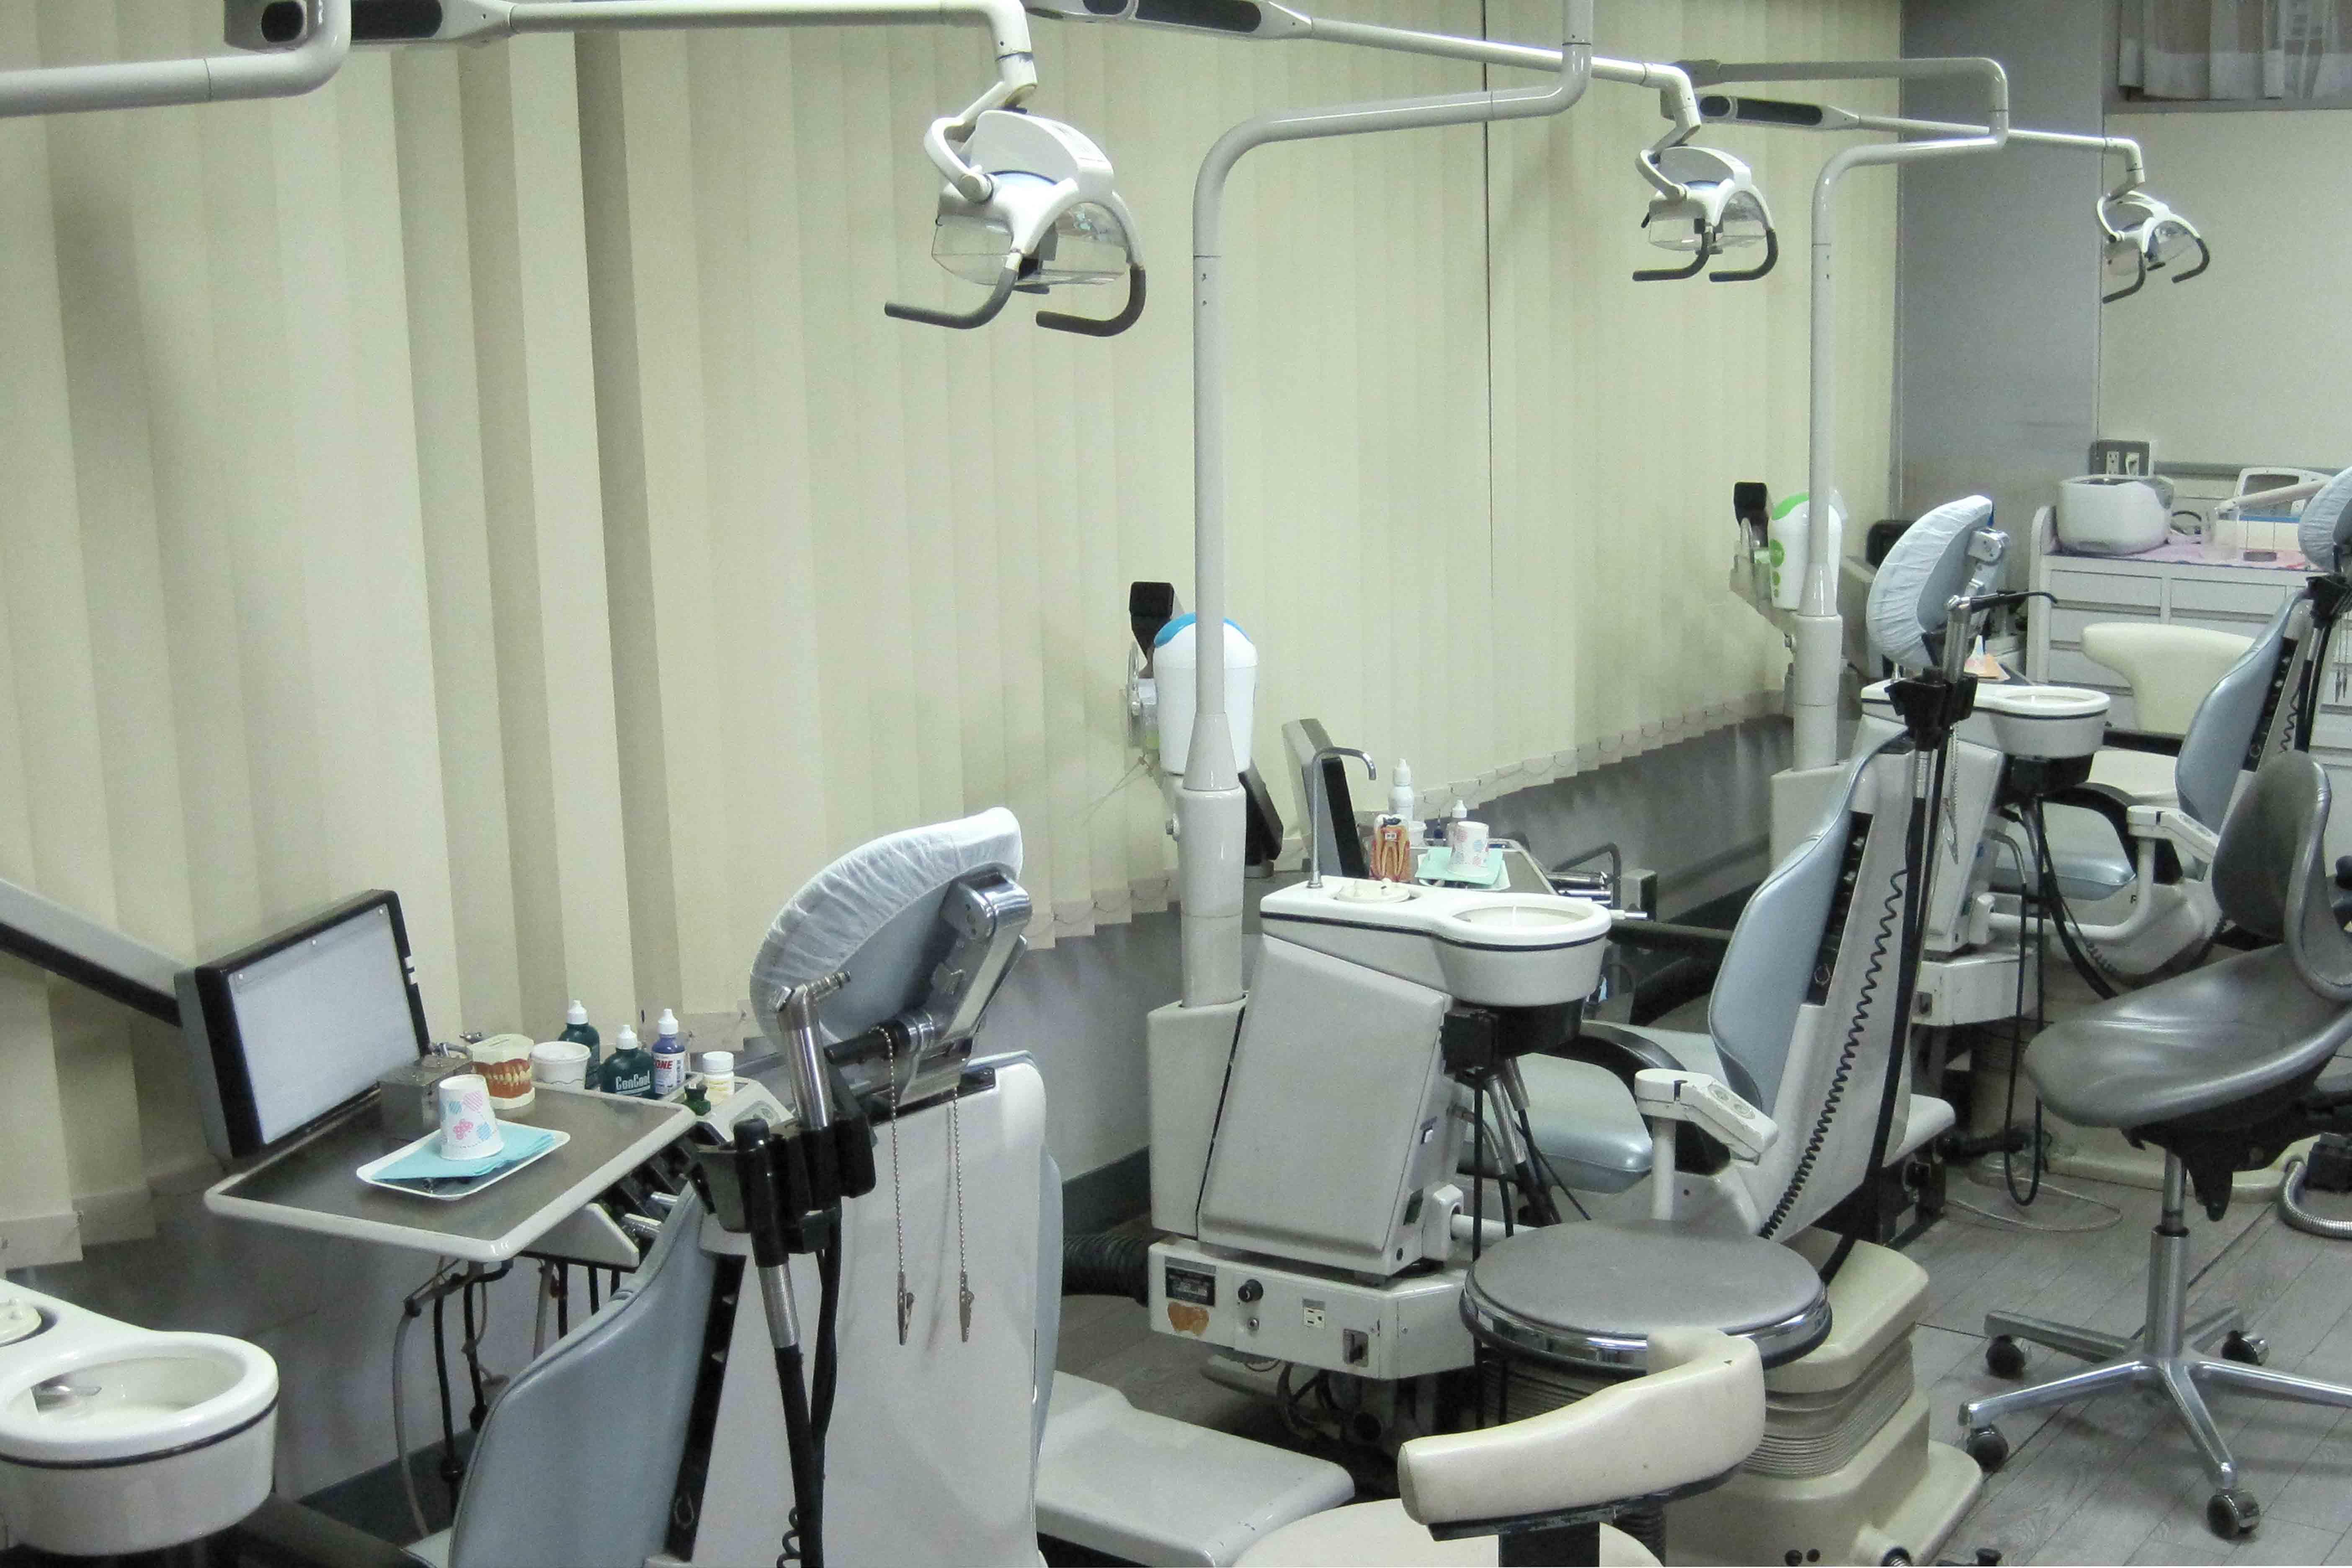 東京駅、大手町の日本ビル歯科の診療室風景